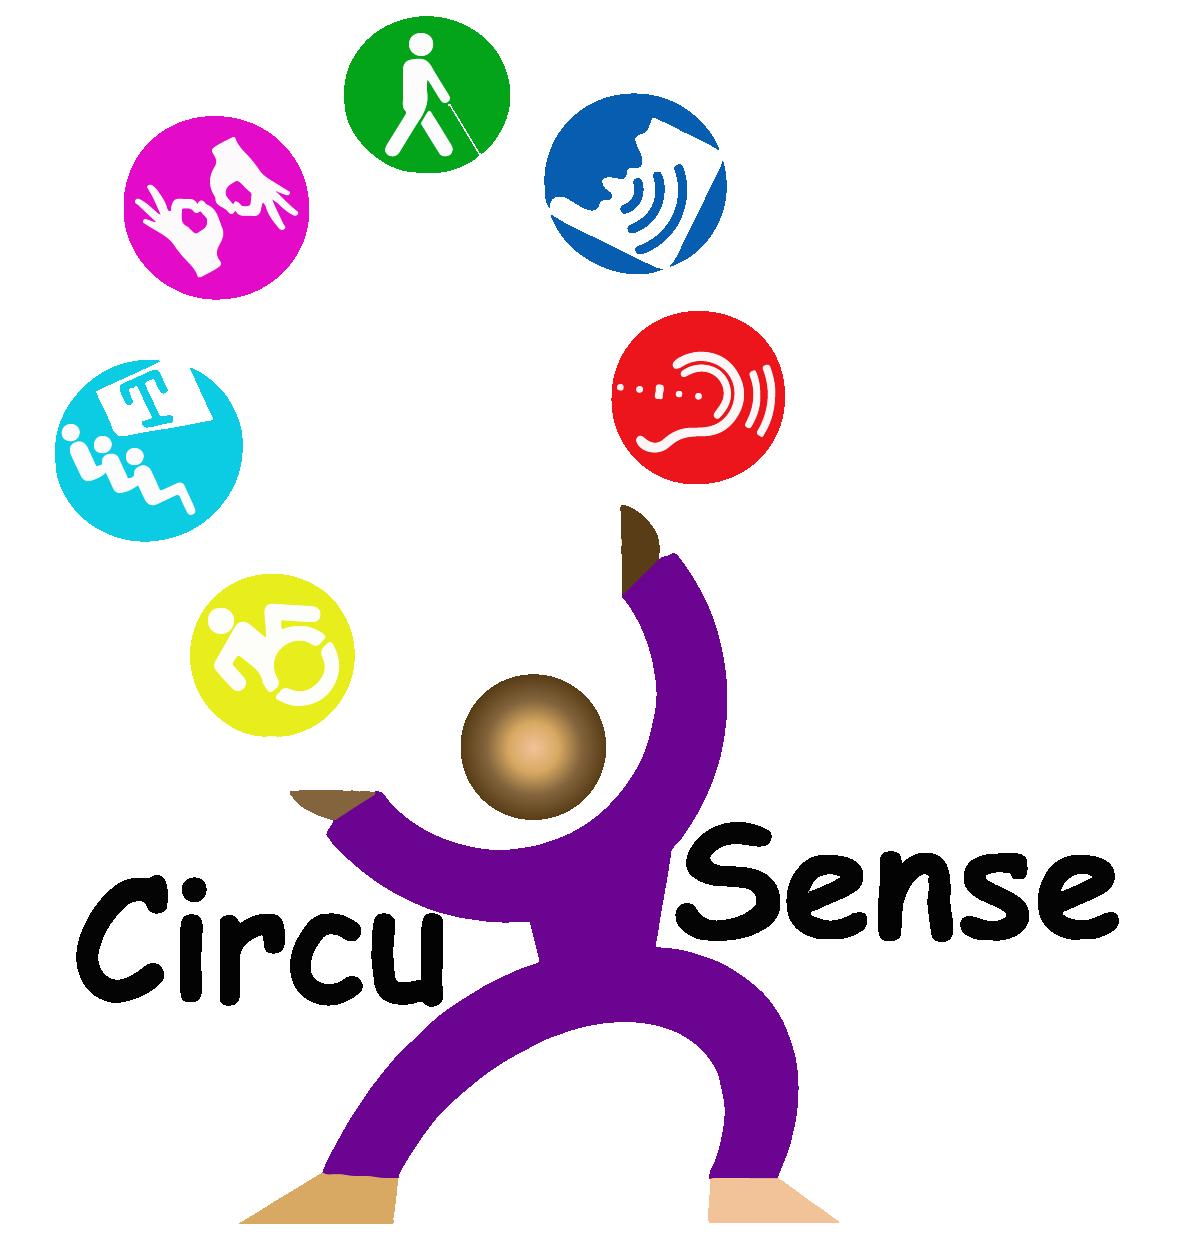 CircuSense Logo